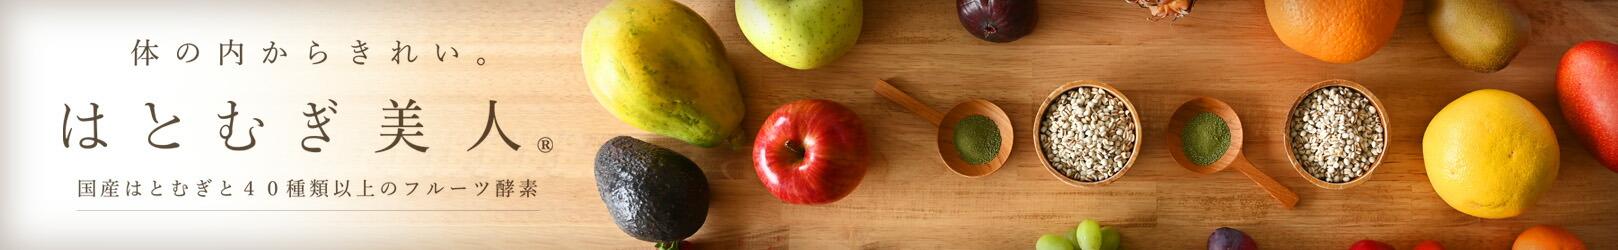 はとむぎとフルーツ酵素の美容サプリメント「はとむぎ美人」